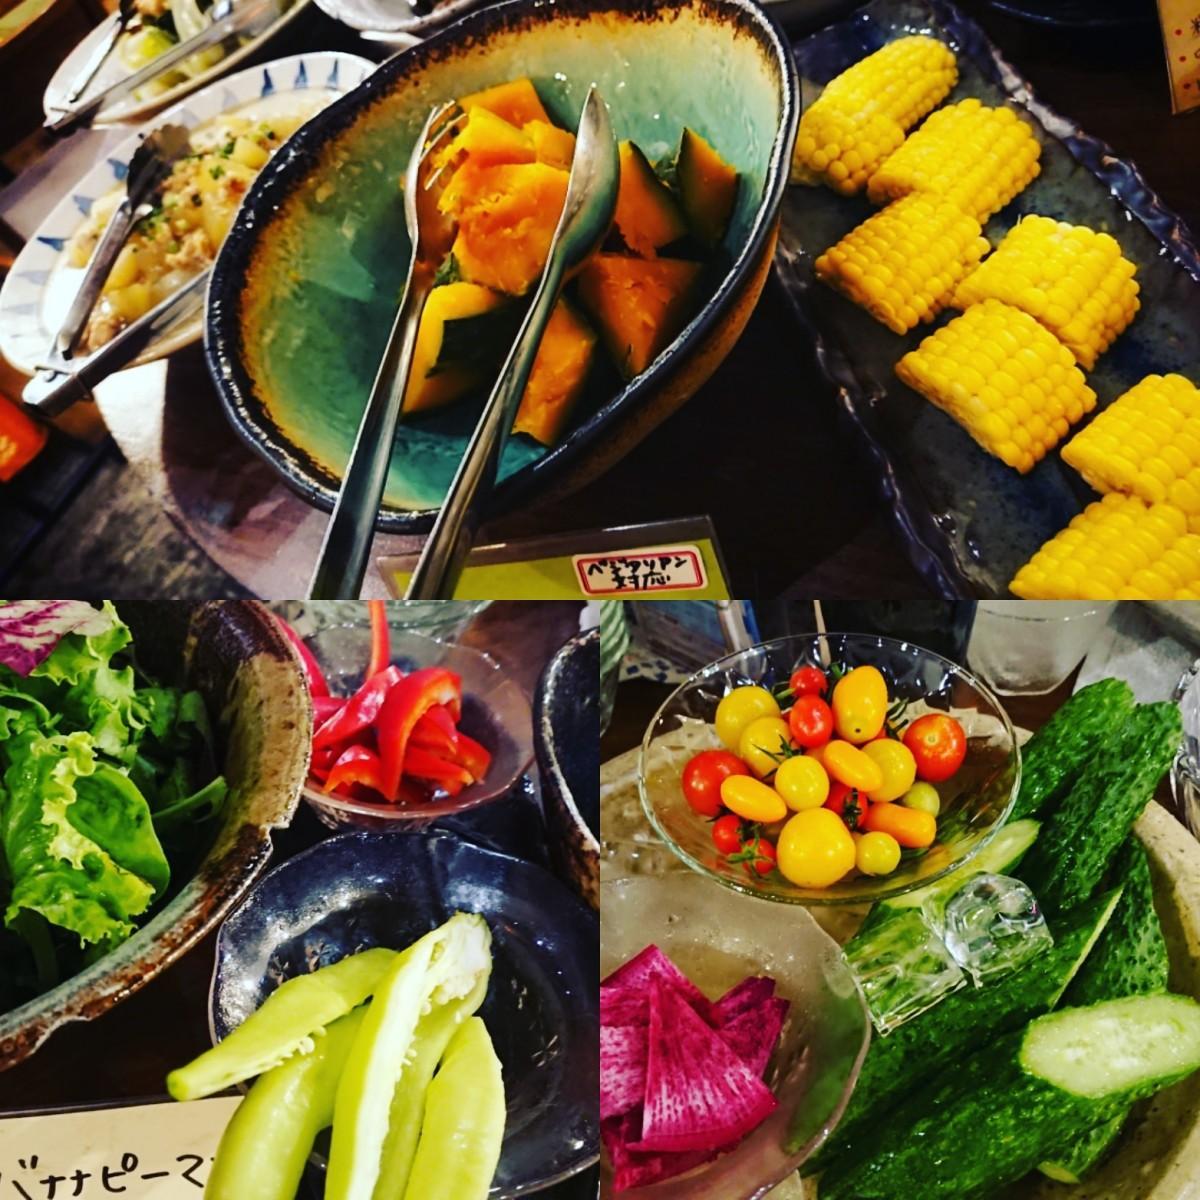 野菜は山梨県清里をはじめ、全国の契約農家から直送。